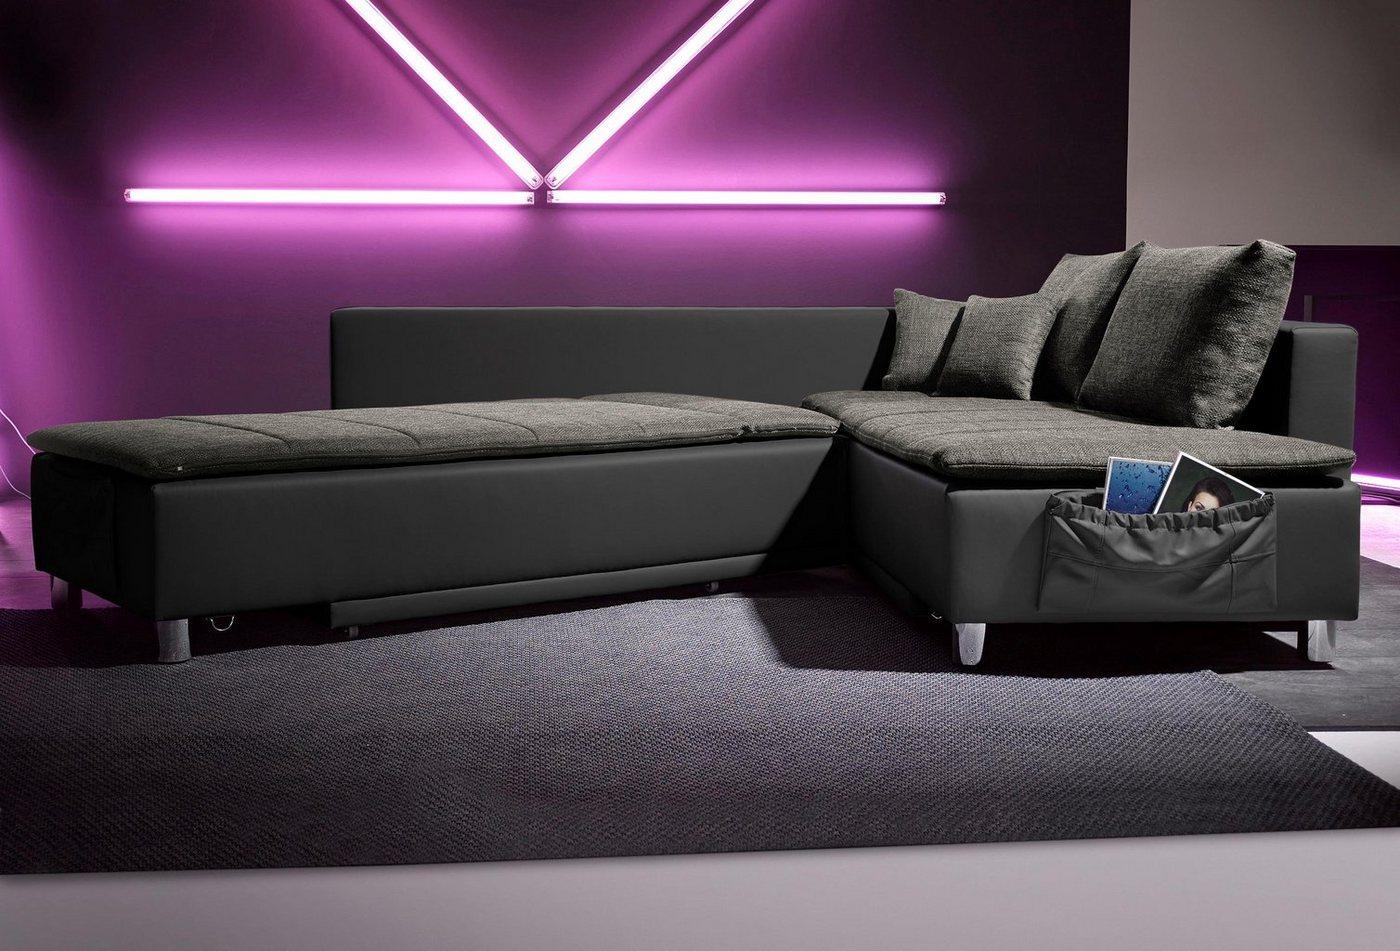 polsterecke mit schlaffunktion preisvergleiche. Black Bedroom Furniture Sets. Home Design Ideas